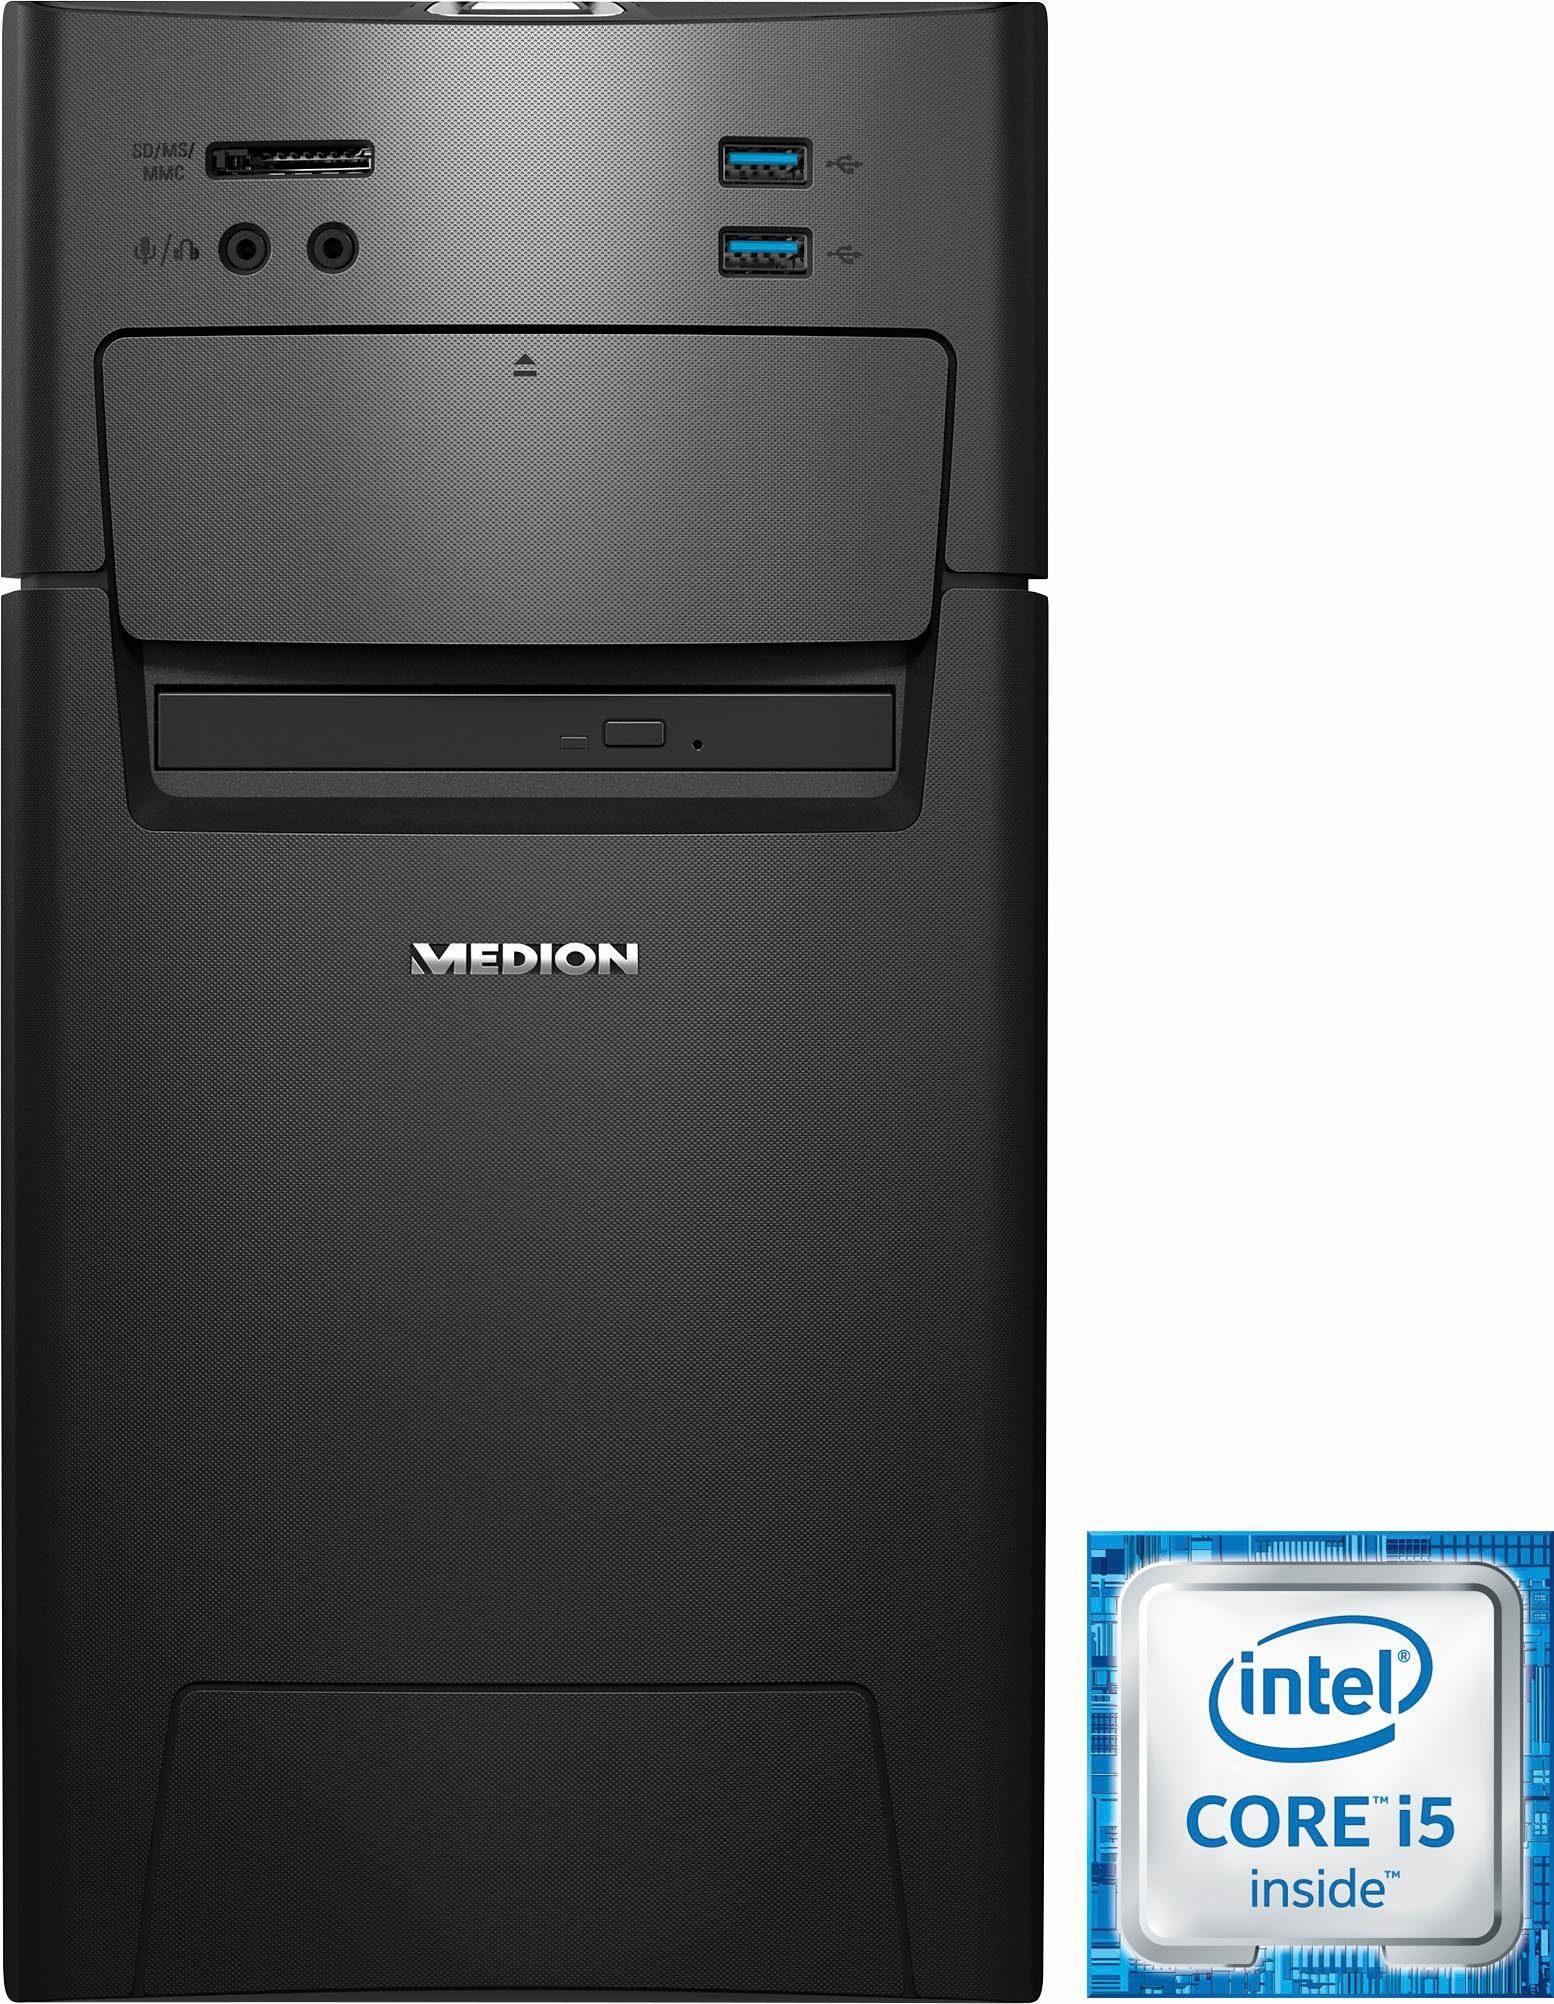 Medion® AKOYA P5331 DR Gaming-PC, Intel® Core™ i5, 8192 MB DDR4, 1128 GB Speicher, AMD Radeon RX 460